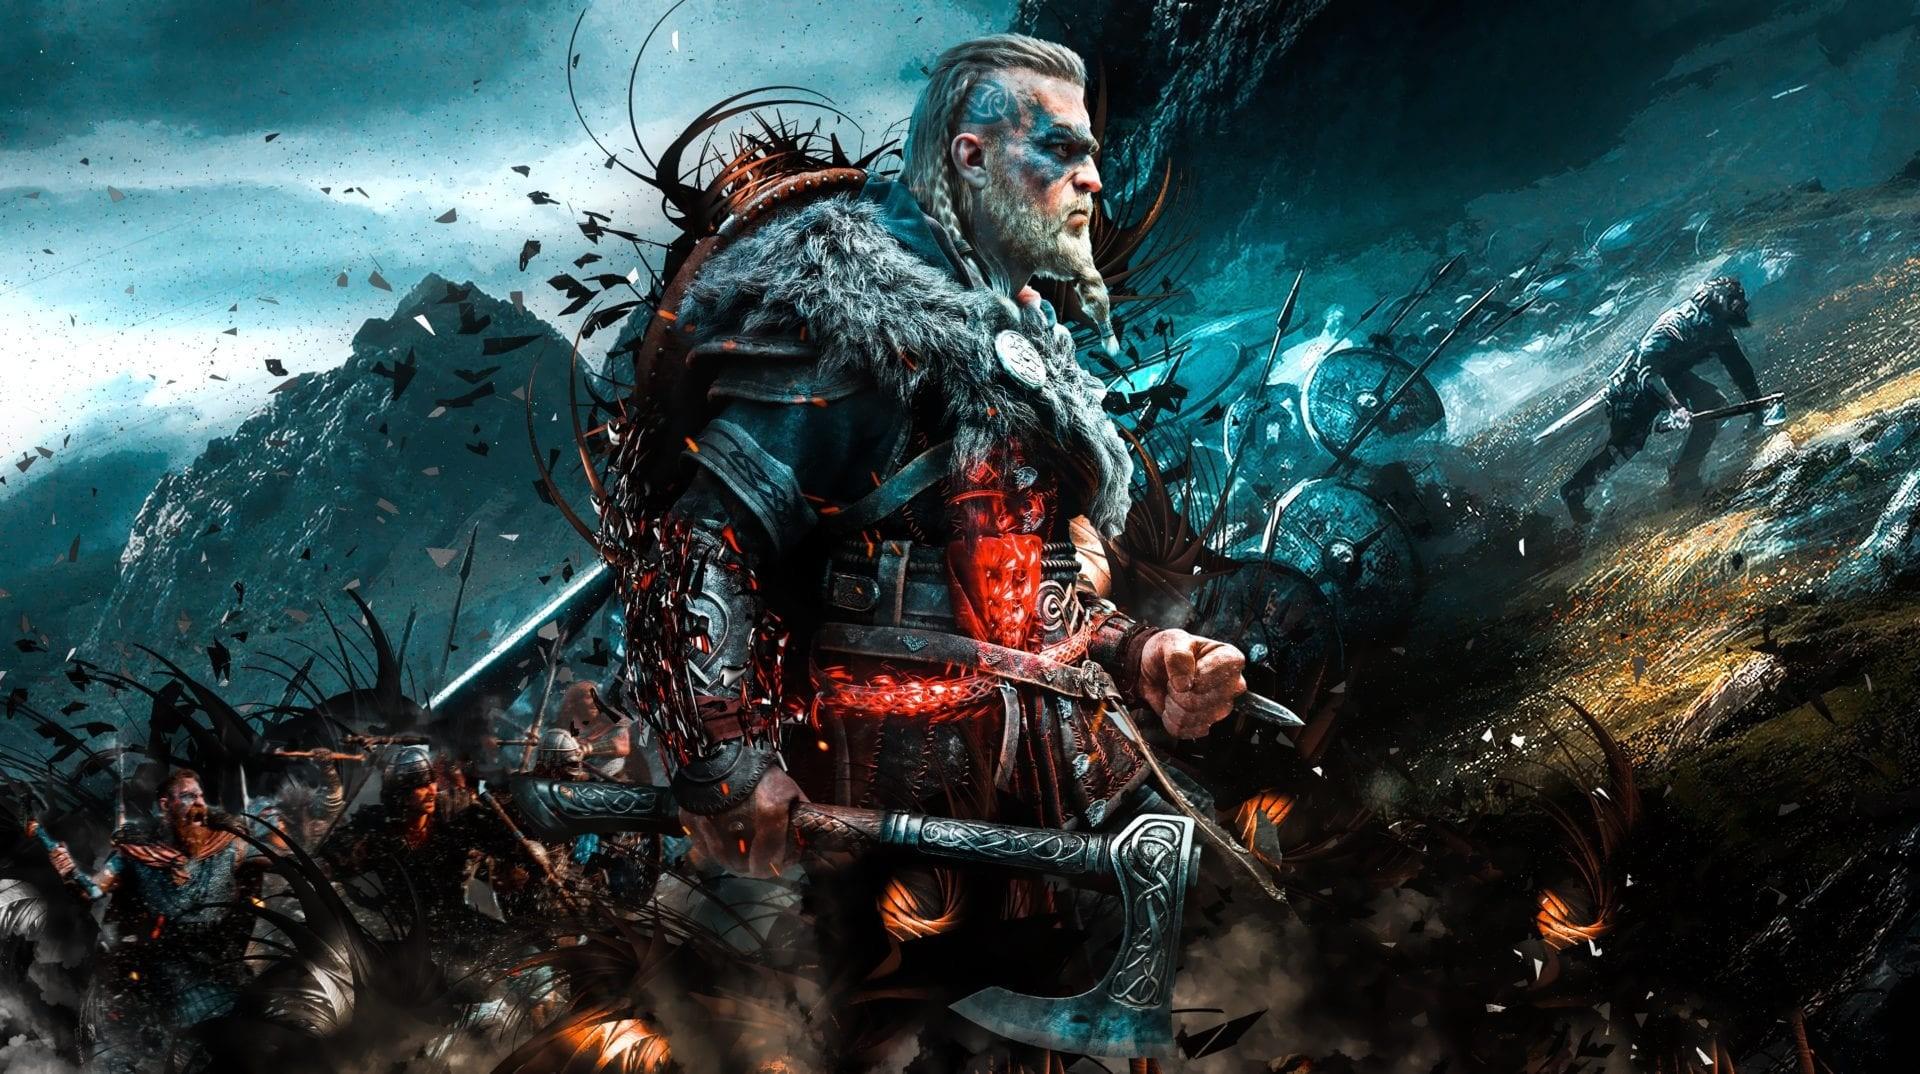 Датамайнеры нашли новые вещи из DLC Гнев друидов для Assassins Creed Valhalla